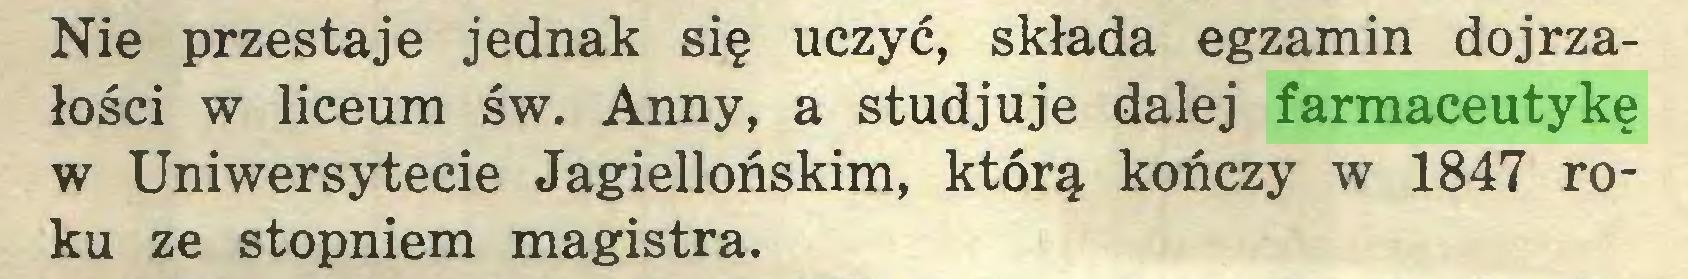 (...) Nie przestaje jednak się uczyć, składa egzamin dojrzałości w liceum św. Anny, a studjuje dalej farmaceutykę w Uniwersytecie Jagiellońskim, którą kończy w 1847 roku ze stopniem magistra...